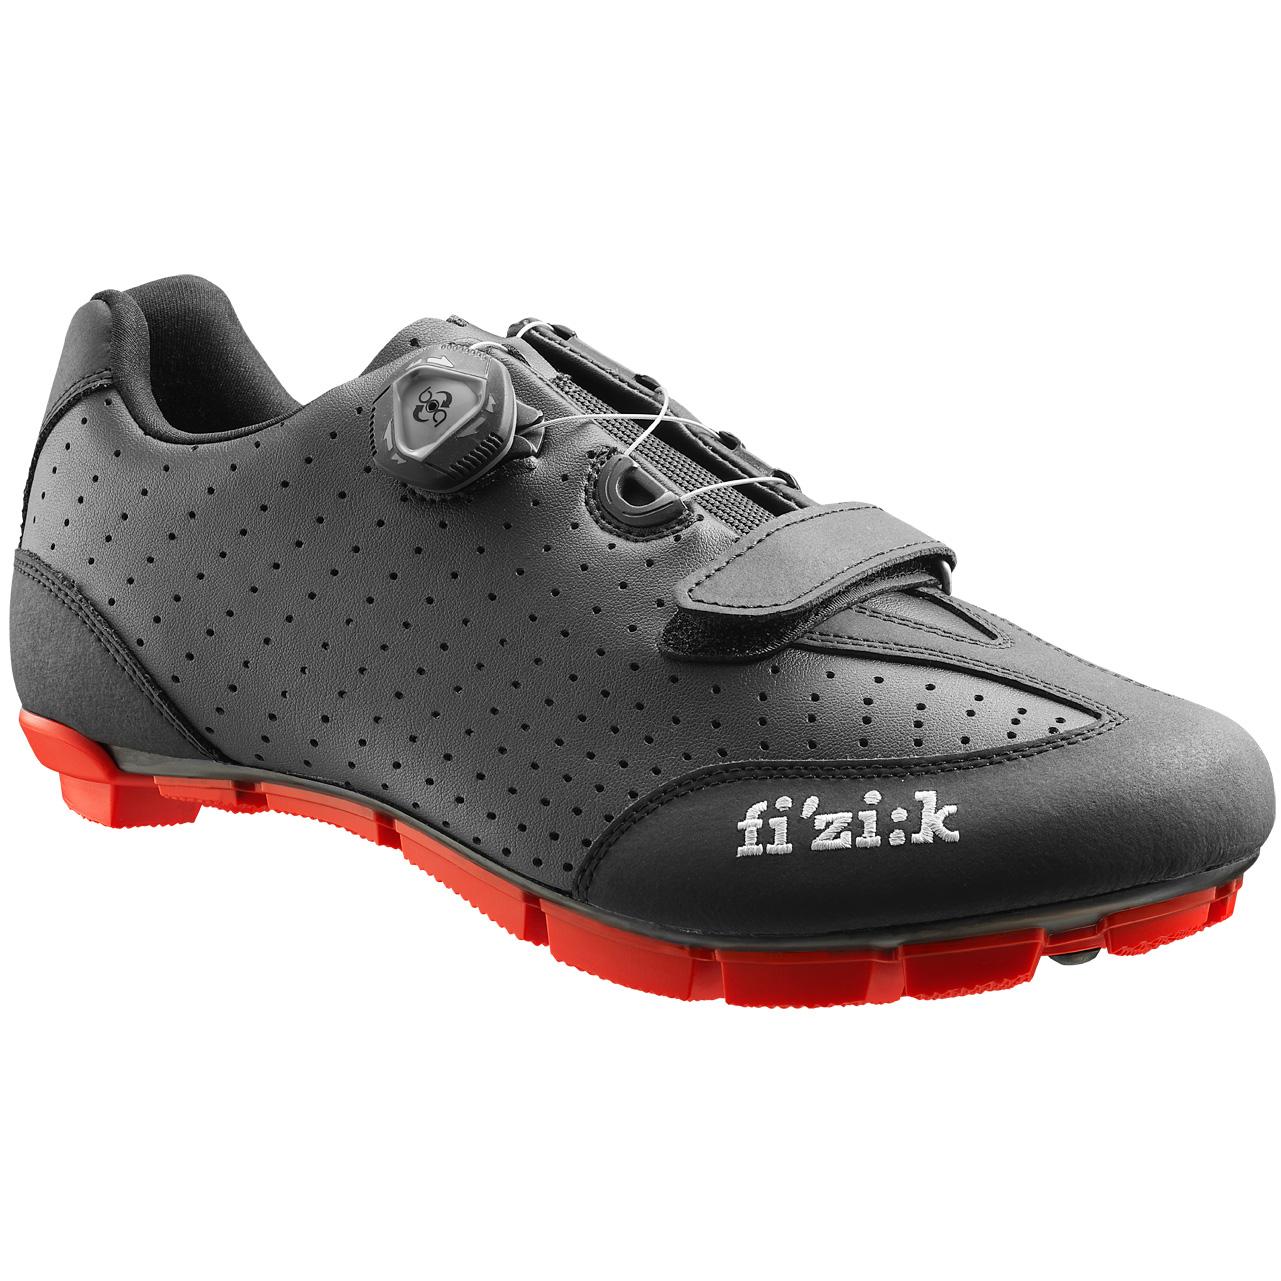 Zapatillas MTB FIZIK M3B Negro/Rojo 2016